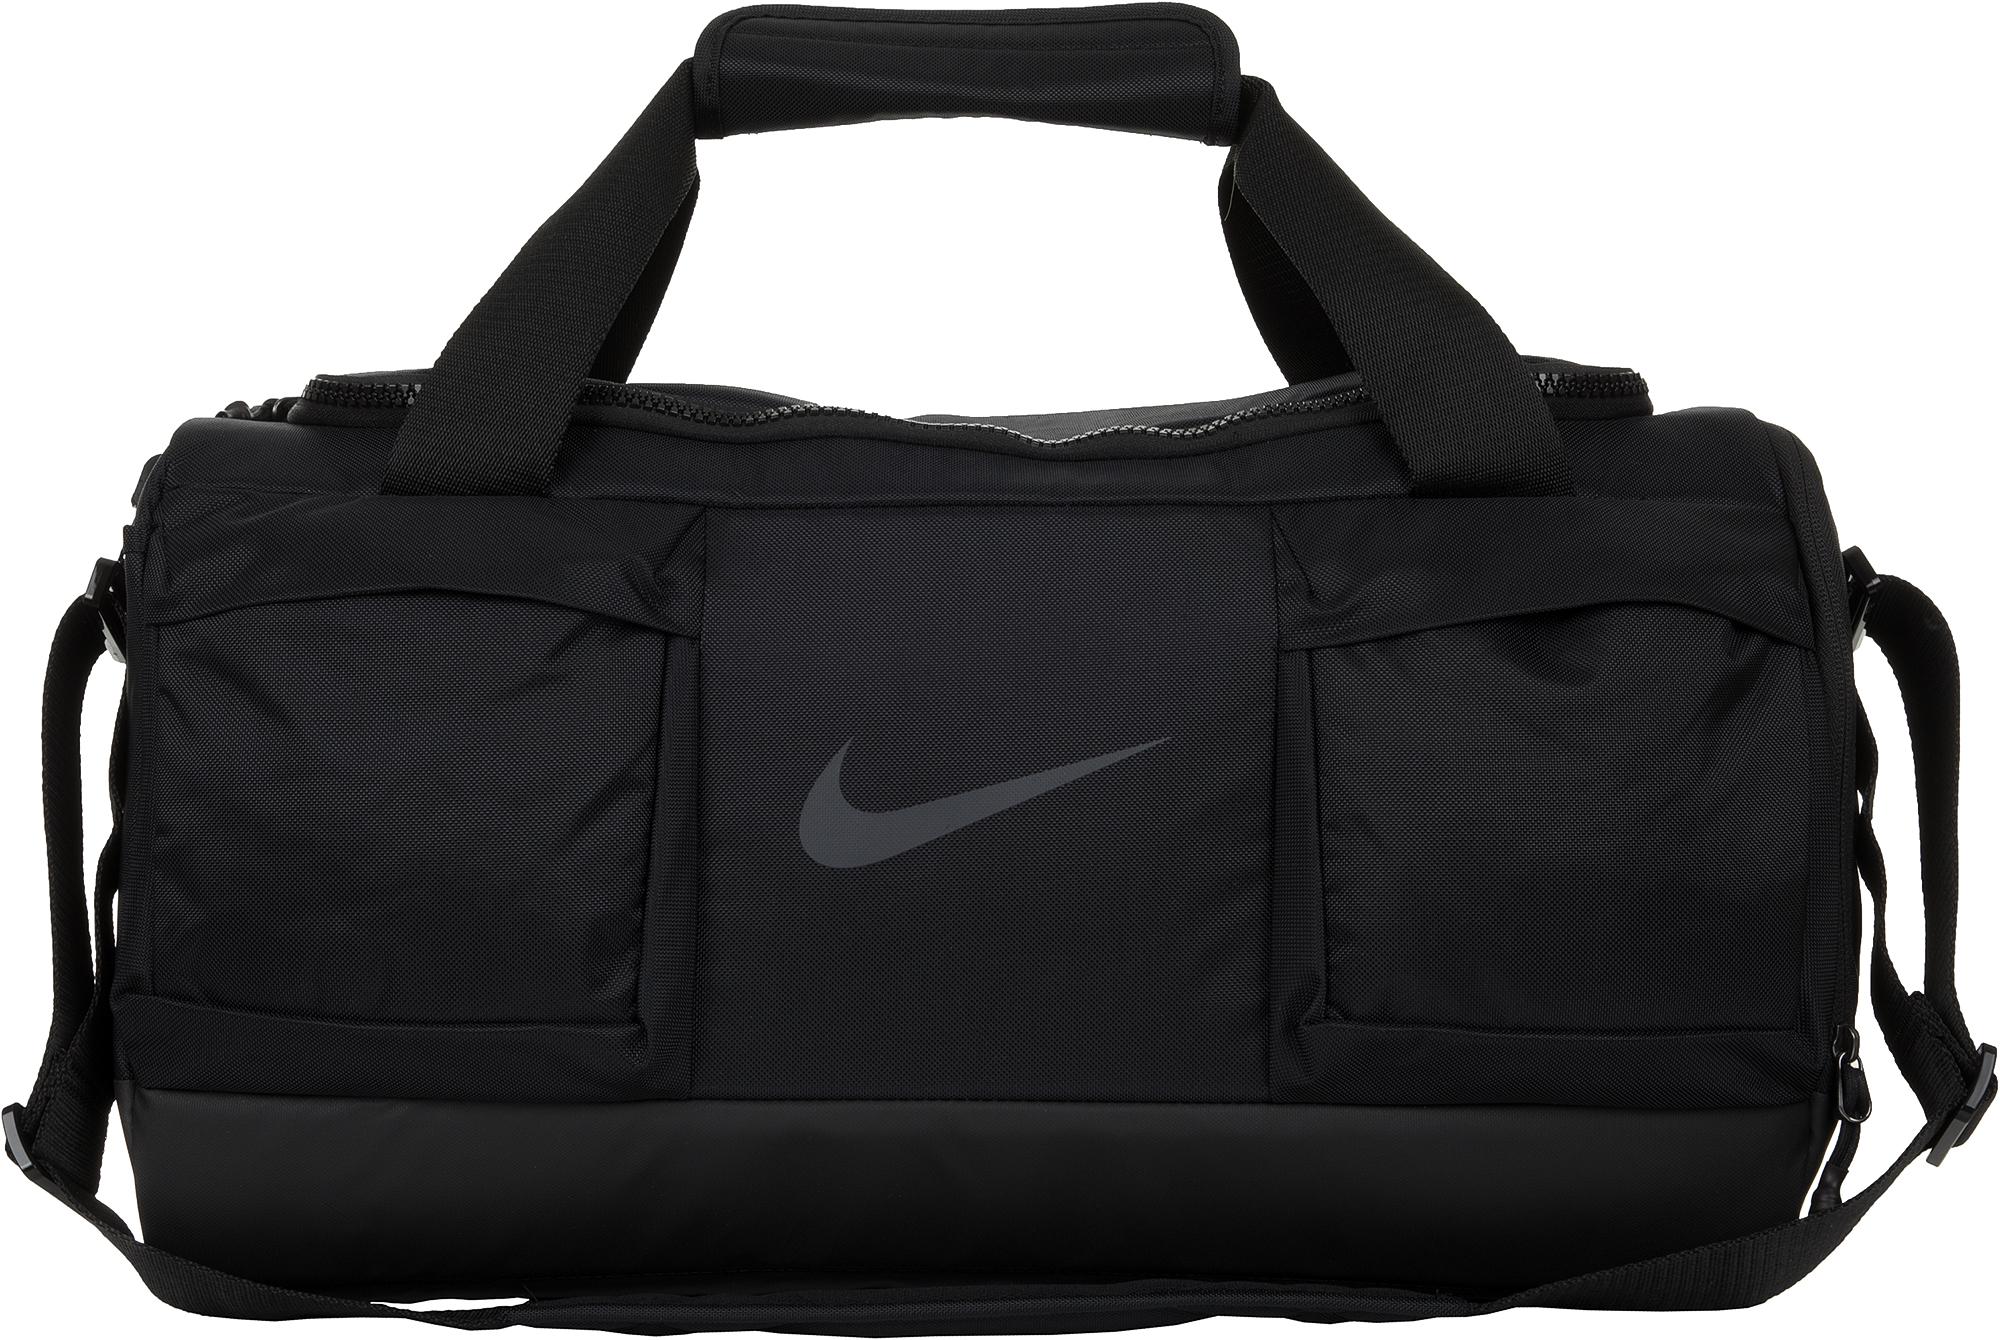 177d5e06 Сумки дорожные Nike - каталог цен, где купить в интернет-магазинах ...